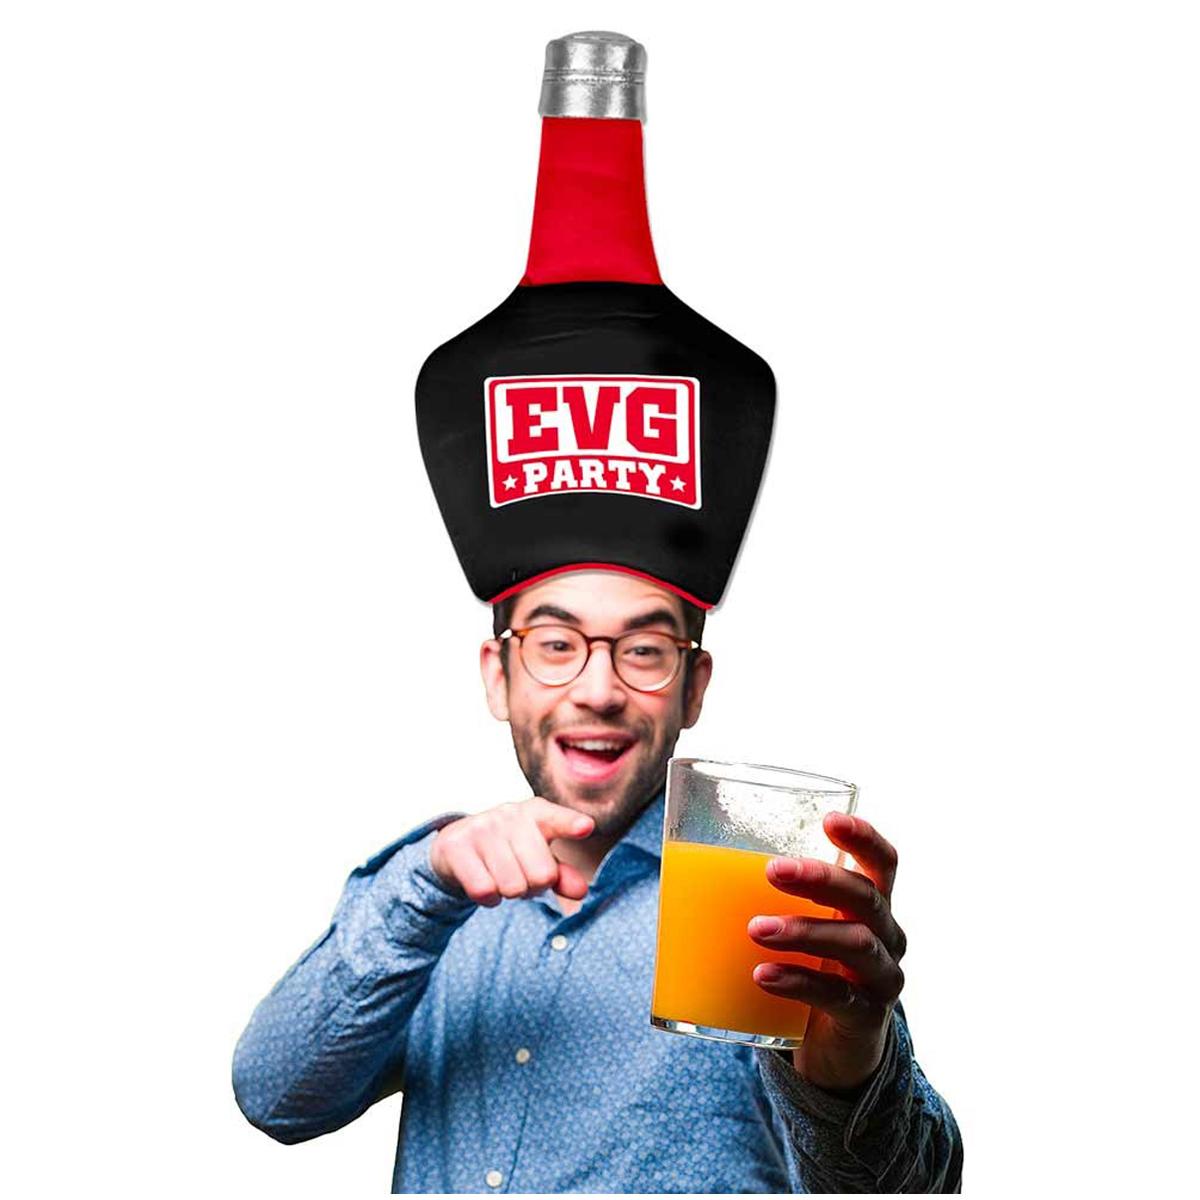 Bonnet humoristique bouteille \'Enterrement de vie de garçon / EVG\' noir rouge - 43x29 cm - [Q6718]